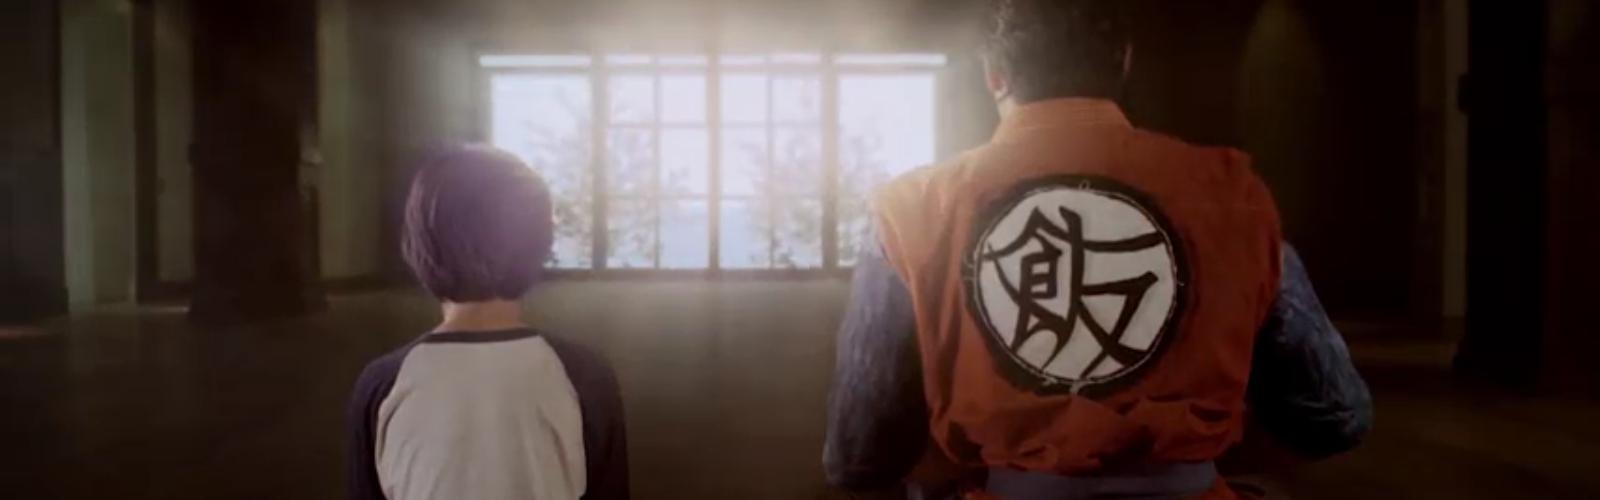 Dragon Ball Z Trunks and Gohan Light of Hope